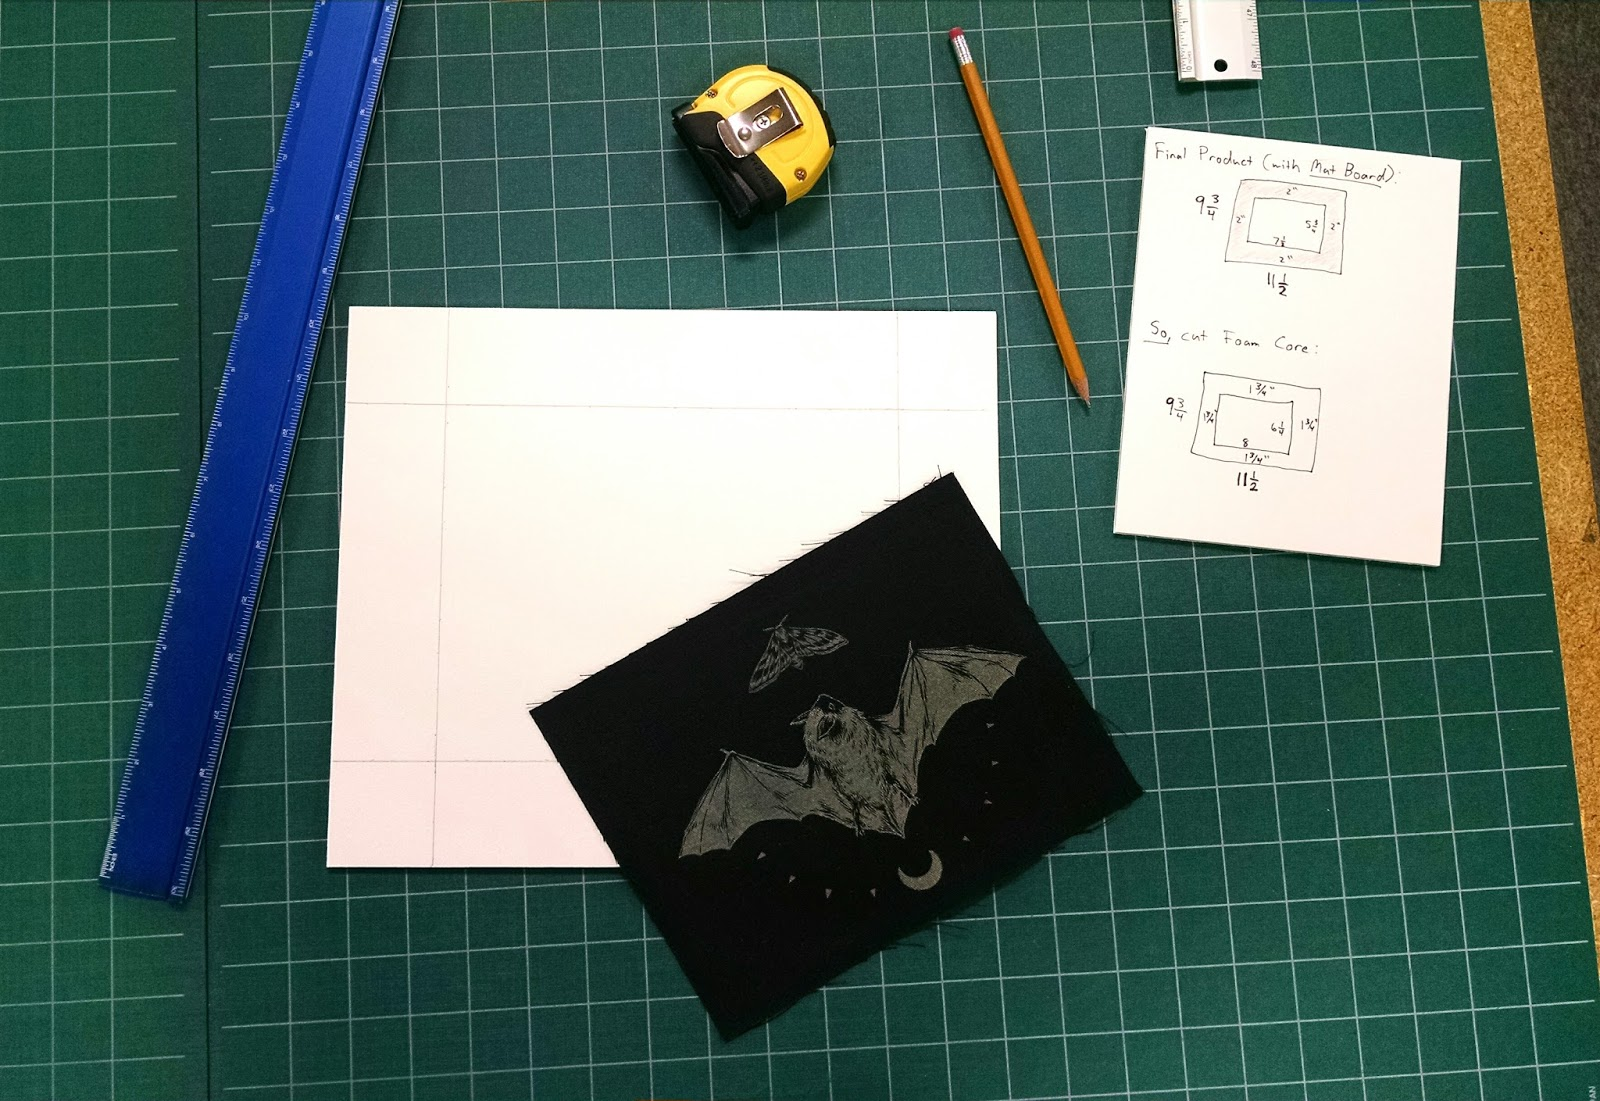 Picture Framing Blog - A Good Frame of Mind: DIY Framing